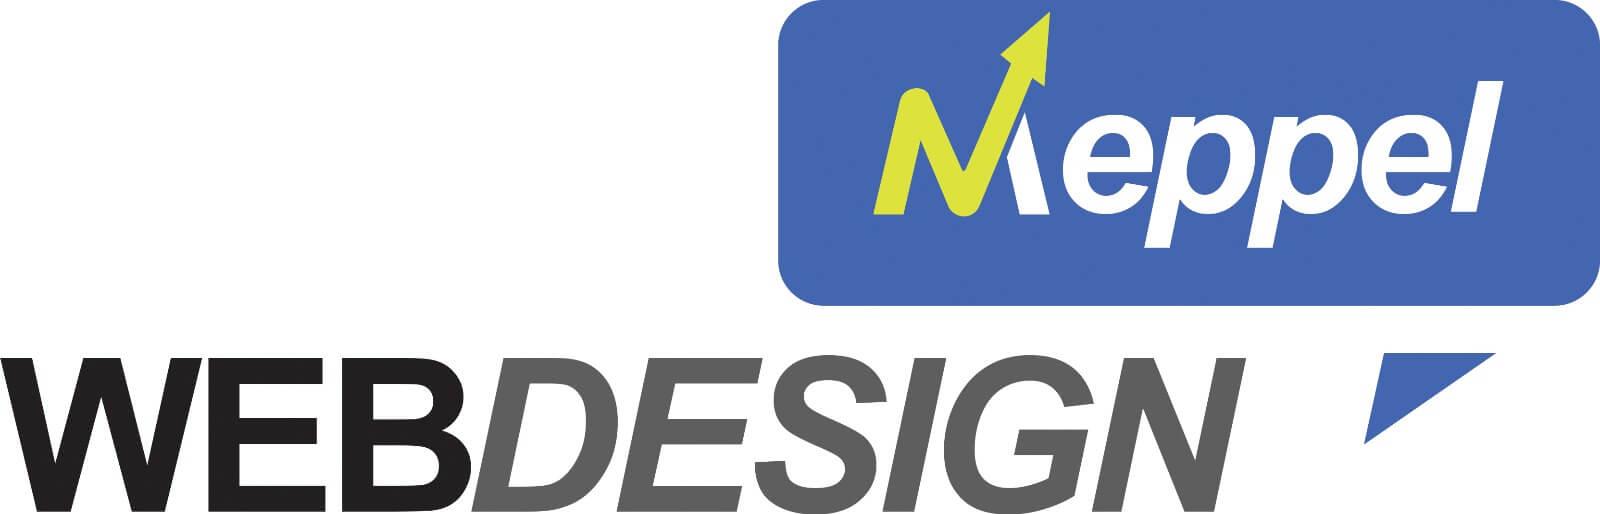 Webdesign Meppel | Website | Webshop | Webwinkel | Grafisch Ontwerp | SEO | Wordpress | Woocommerce | Prestashop | Joomla | Magento | Opencart |